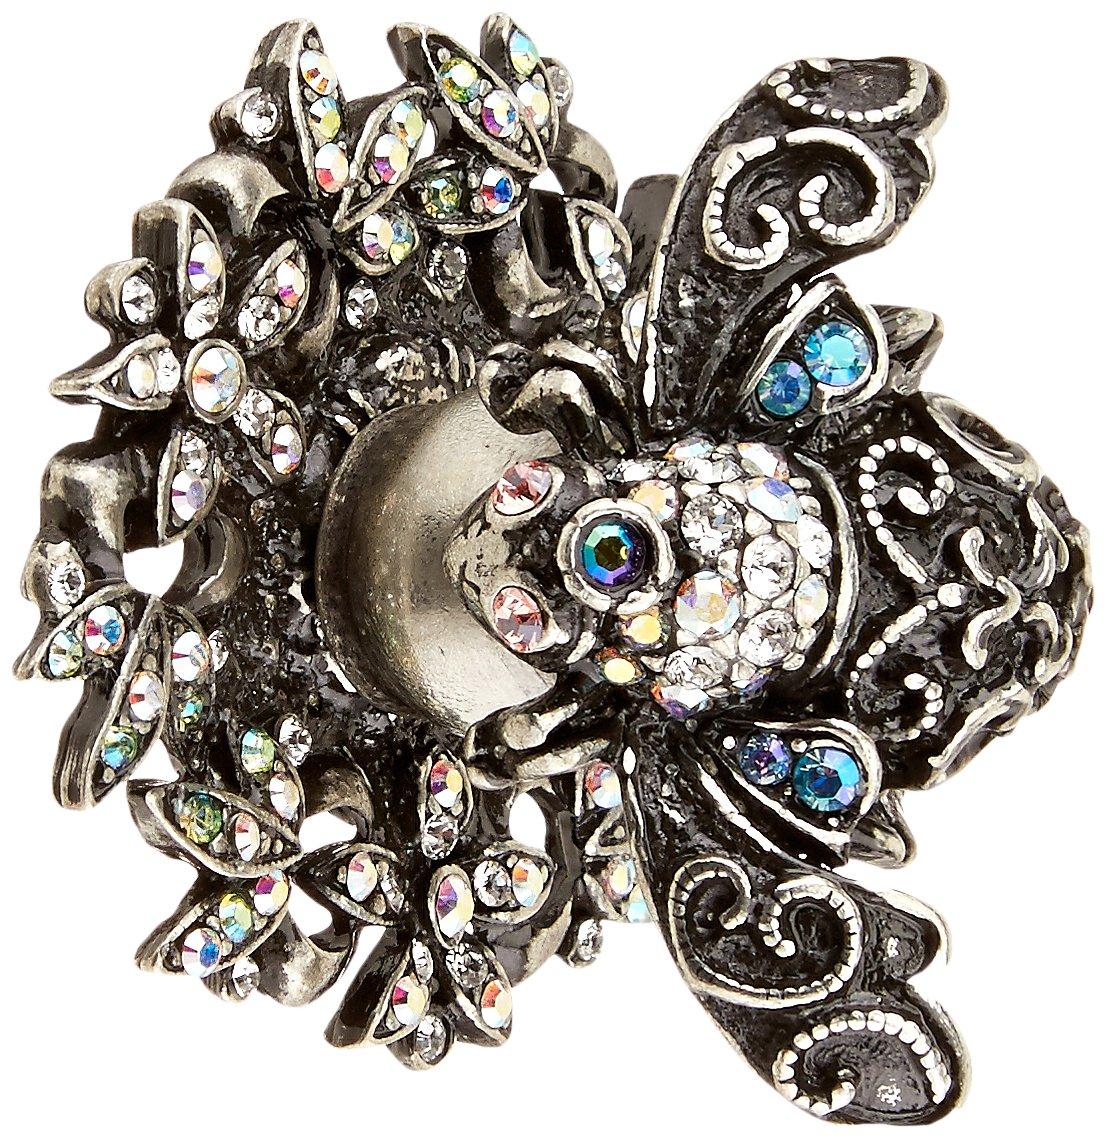 Carpe Diem Hardware 27502751-9-81 In the Garden Bee Knob with Swarovski Crystals, Chalice